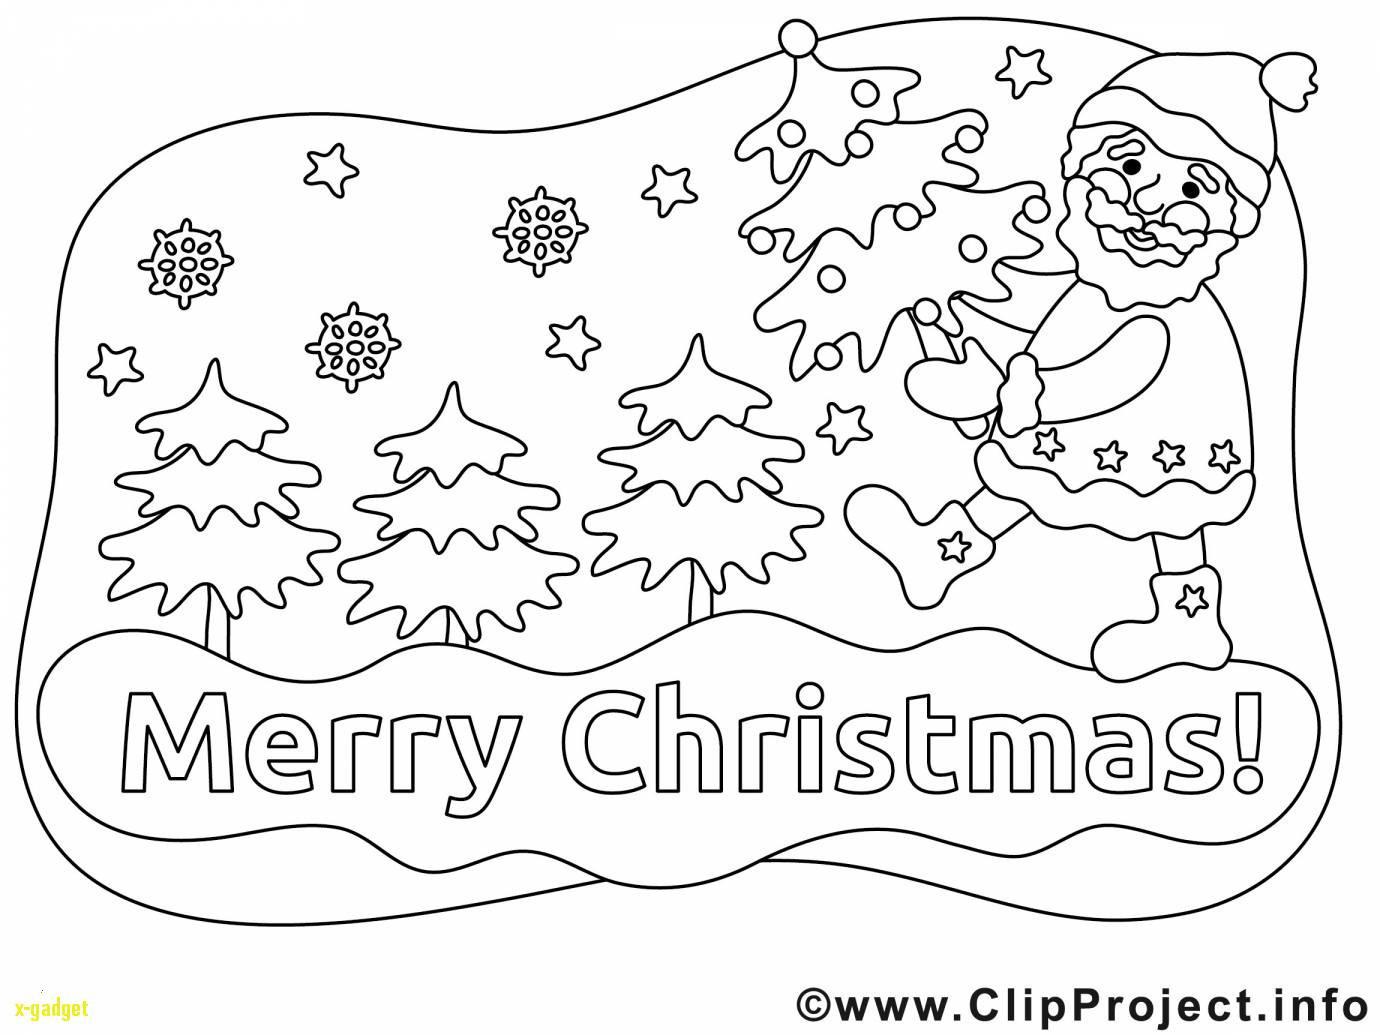 Totenkopf Bilder Zum Ausdrucken Kostenlos Inspirierend 45 Inspirierend Weihnachten Ausmalbilder Zum Ausdrucken Kostenlos Fotografieren